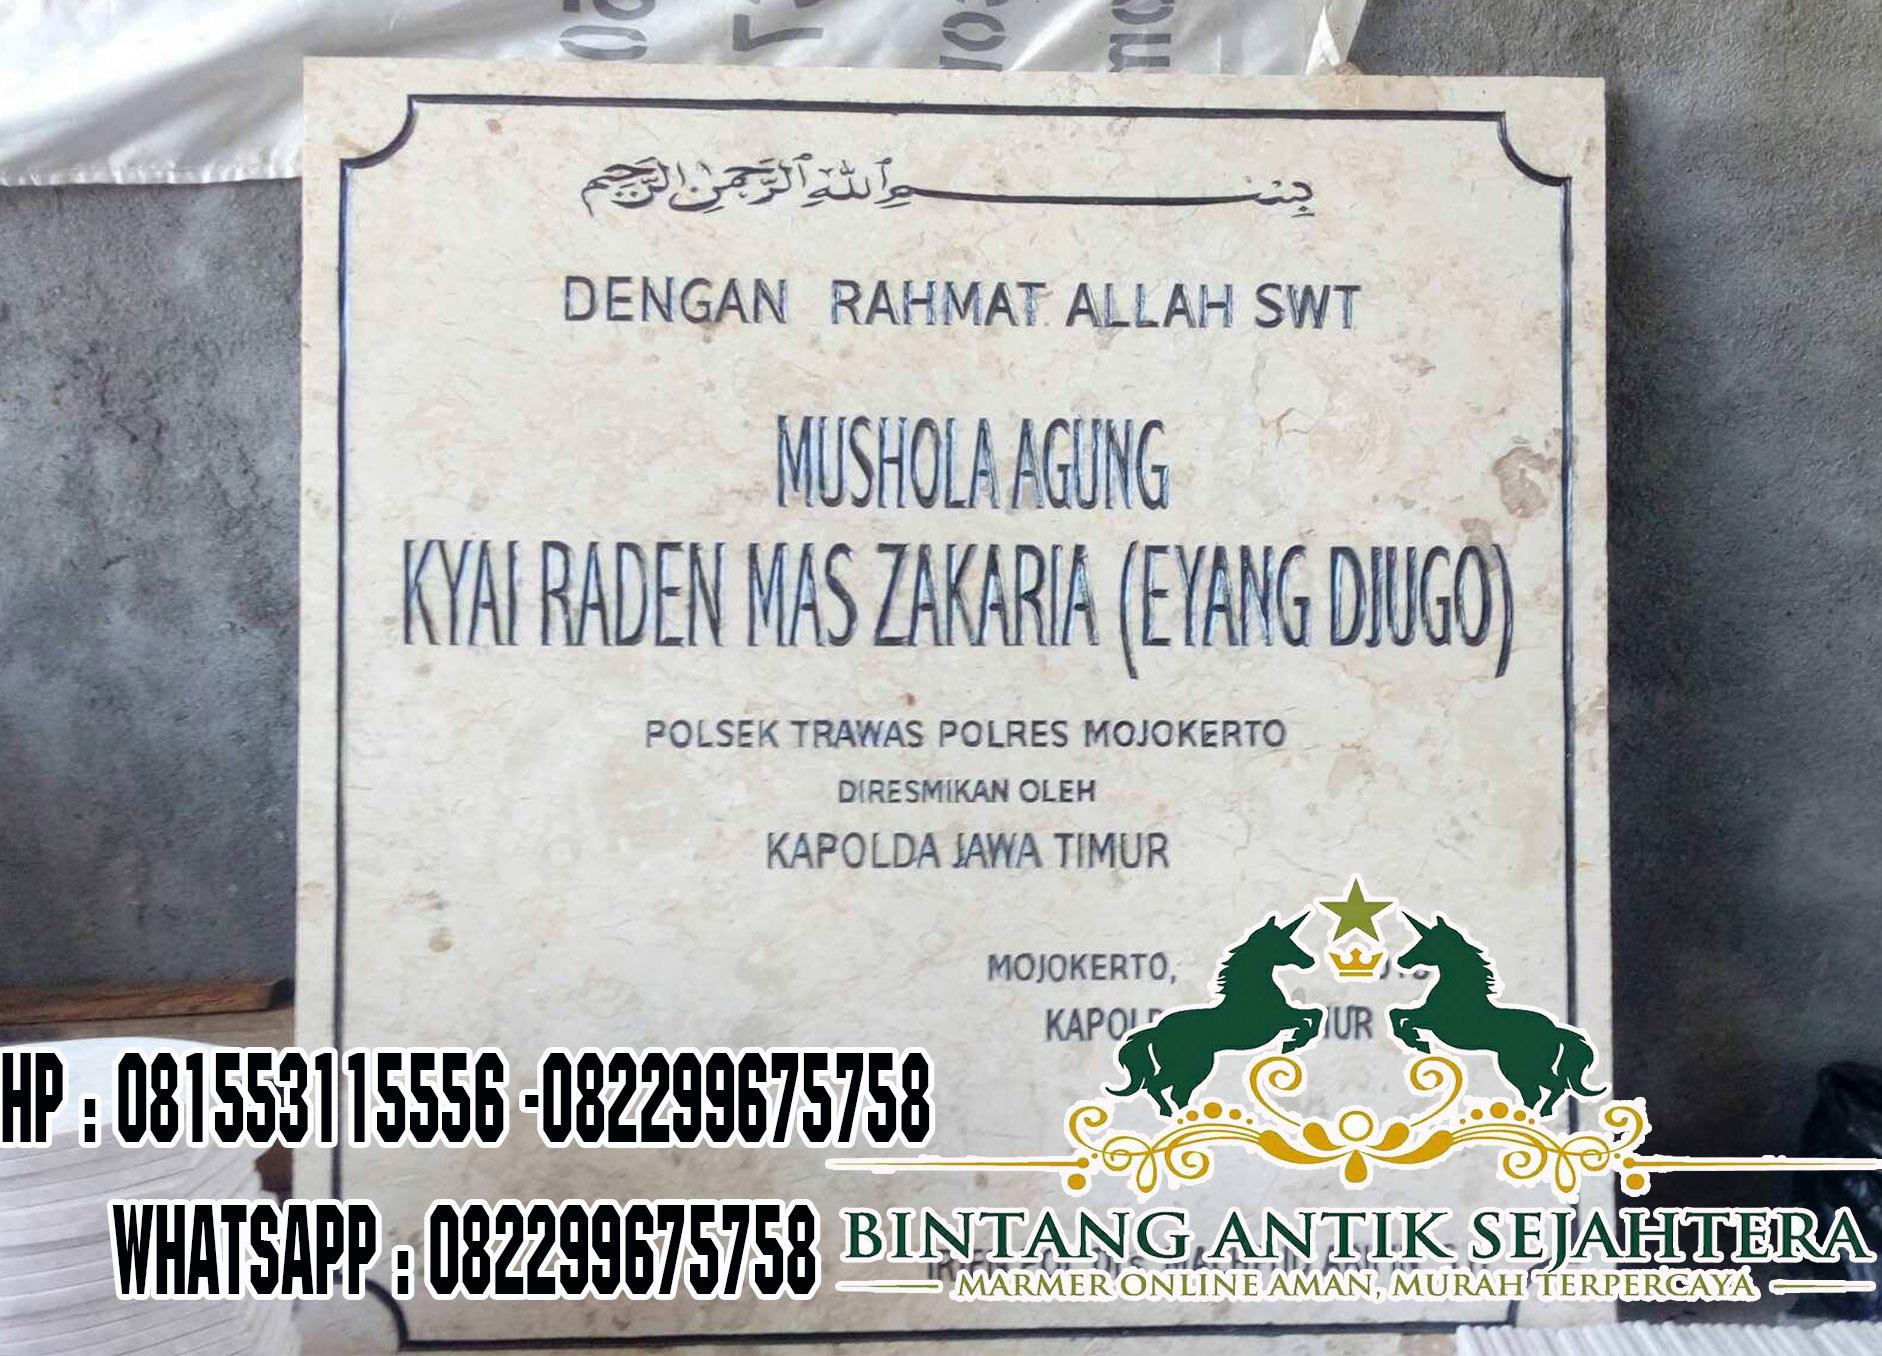 Prasasti Peresmian Dari Marmer, Papan Peresmian Marmer, Pembuat Prasasti Marmer Di Surabaya, Batu Nisan Prasasti Granit, Harga Prasasti Marmer Dan Granit